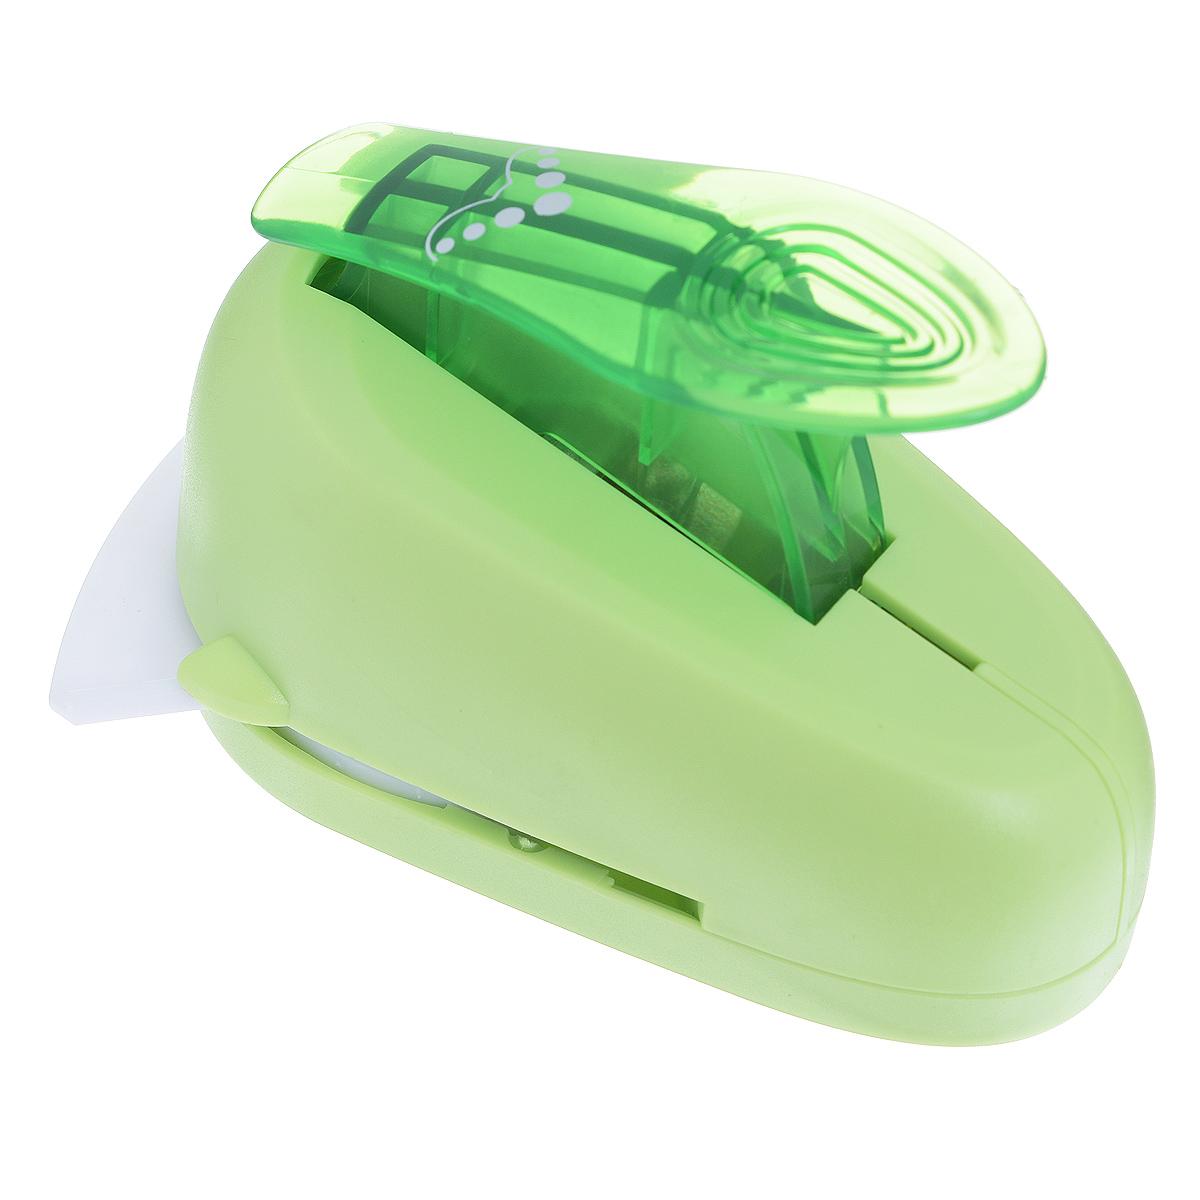 Дырокол фигурный Астра Клин, угловой. CD-99MC7709610_55Дырокол Астра Клин поможет вам легко, просто и аккуратно вырезать много одинаковых мелких фигурок. Режущие части компостера закрыты пластмассовым корпусом, что обеспечивает безопасность для детей. Вырезанные фигурки накапливаются в специальном резервуаре. Можно использовать вырезанные мотивы как конфетти или для наклеивания.Угловой дырокол подходит для разных техник: декупажа, скрапбукинга, декорирования.Размер дырокола: 10 см х 7 см х 7 см. Размер готовой фигурки: 2,7 см х 1,5 см.